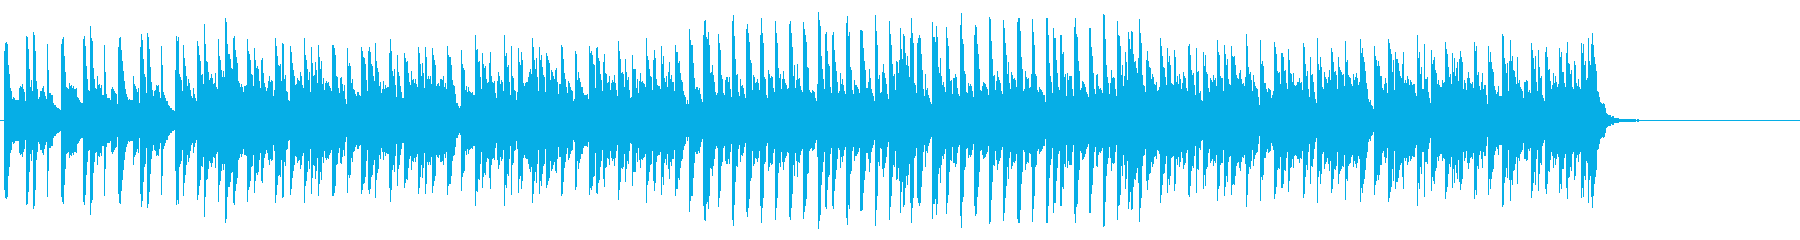 とぼけたテクノ/ポップの再生済みの波形